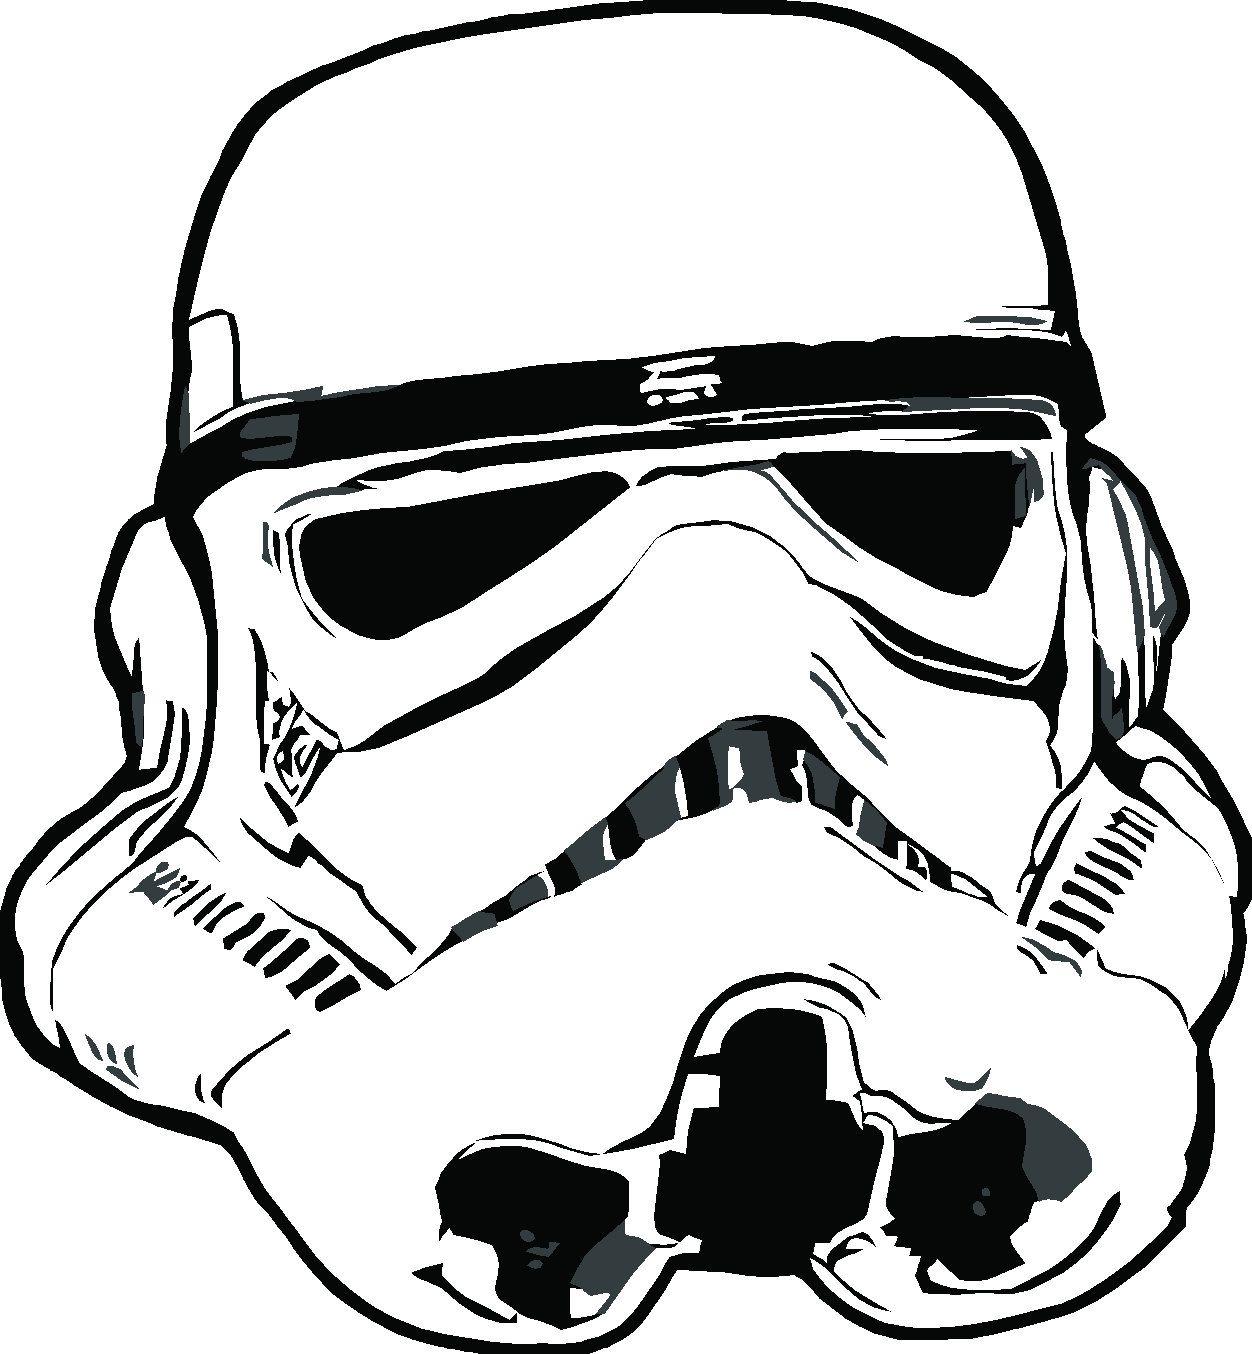 Stormtrooper Helmet Coloring Page